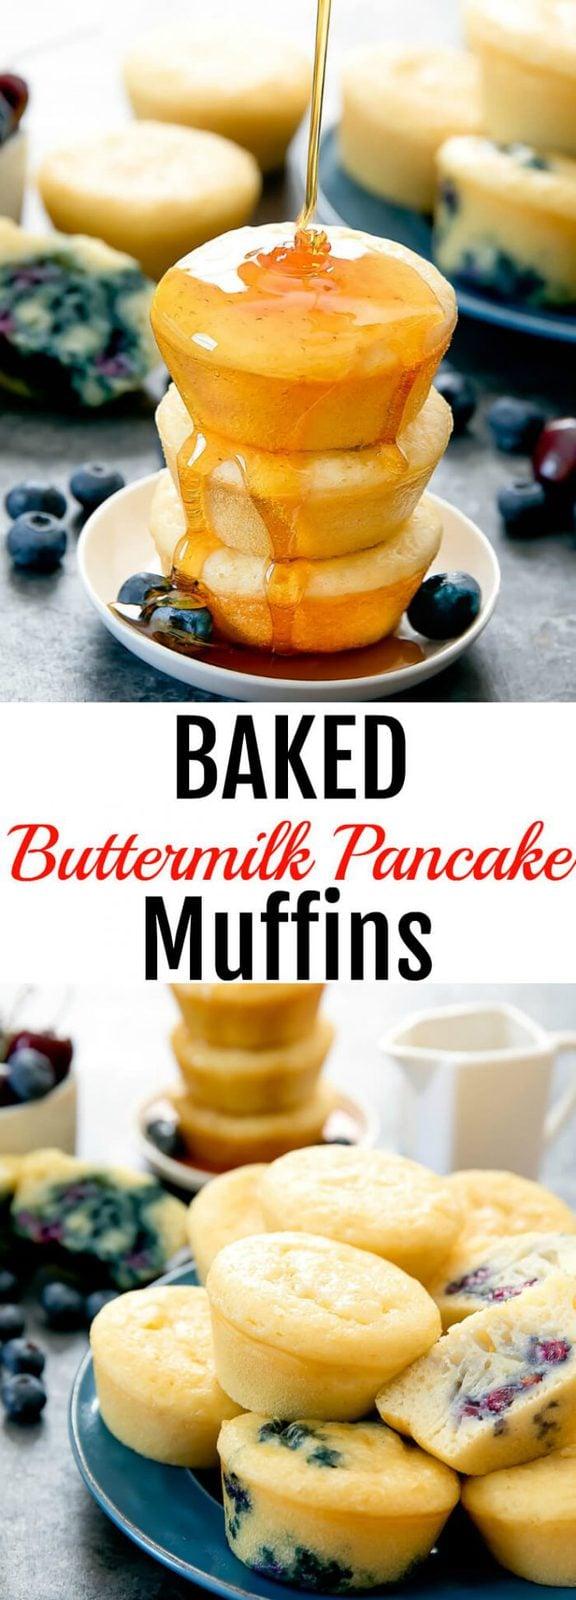 Baked Buttermilk Pancake Muffins